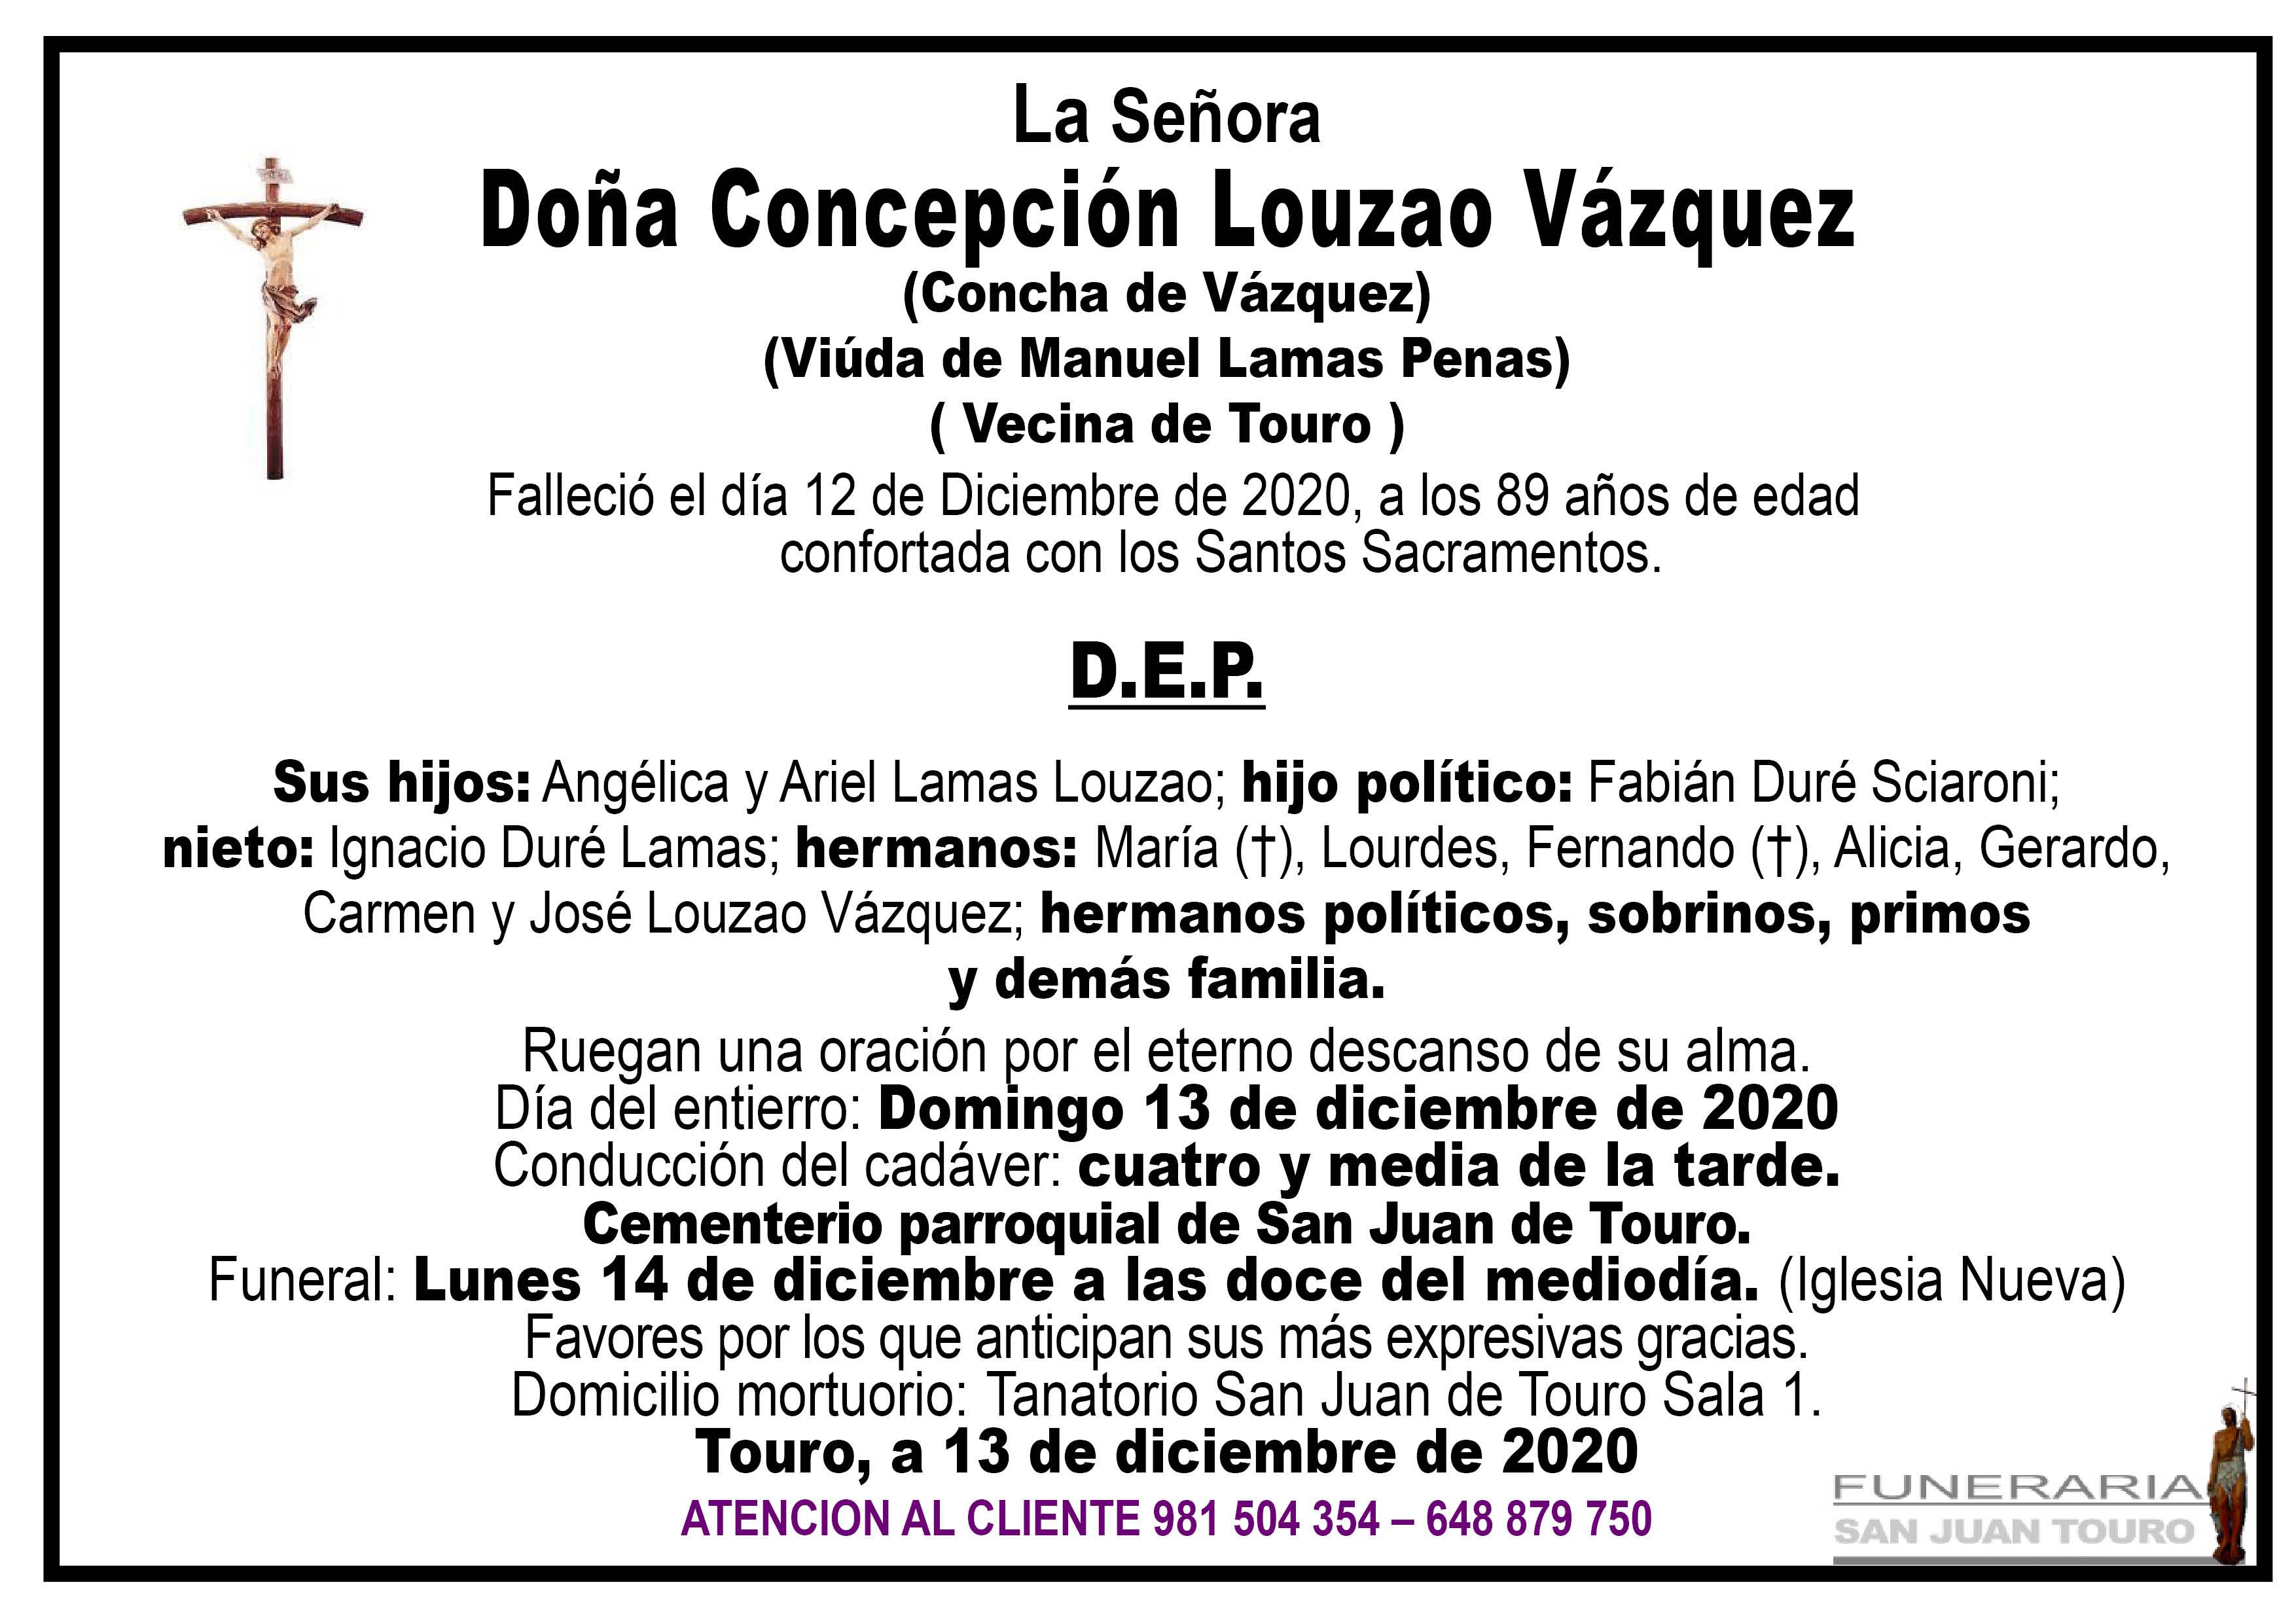 Esquela de SEPELIO DE DOÑA CONCEPCIÓN LOUZAO VÁZQUEZ